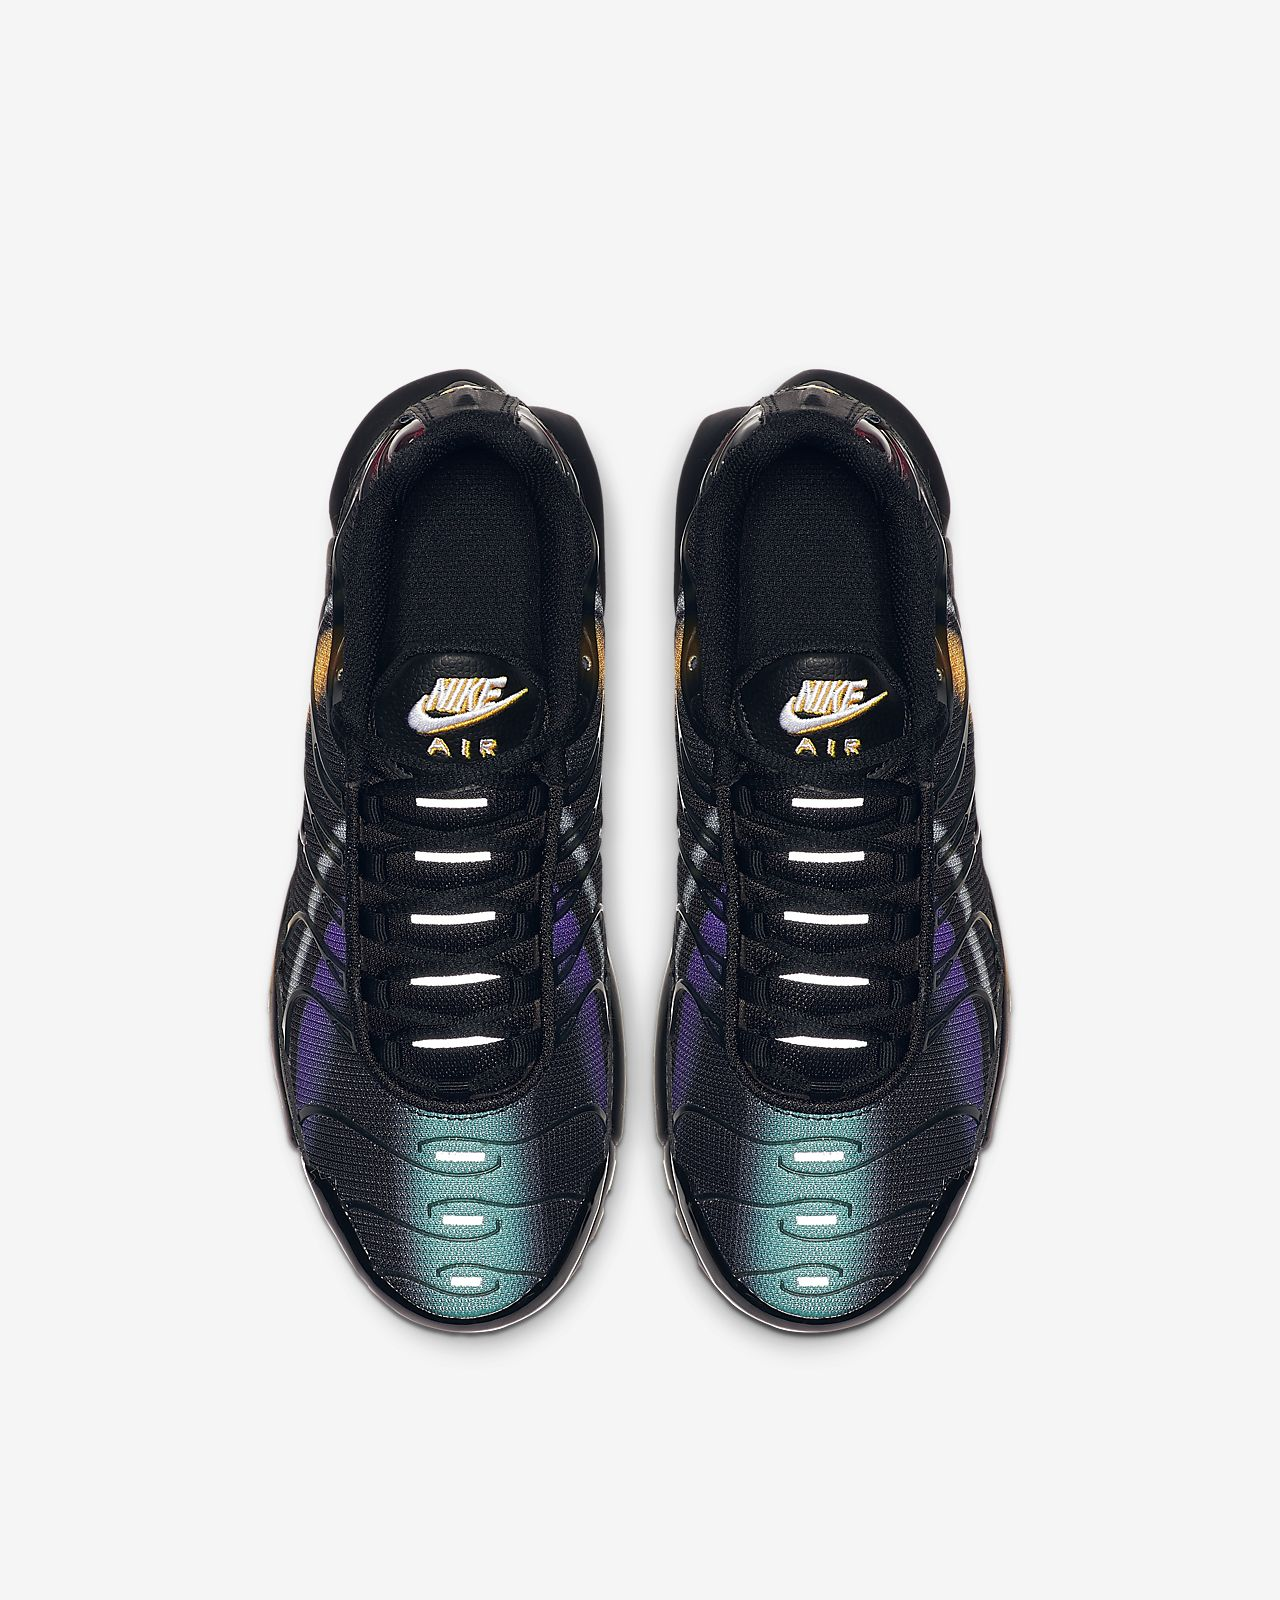 Game Enfant Nike Pour Chaussure Plus Max Air Âgé sQCdhtrx